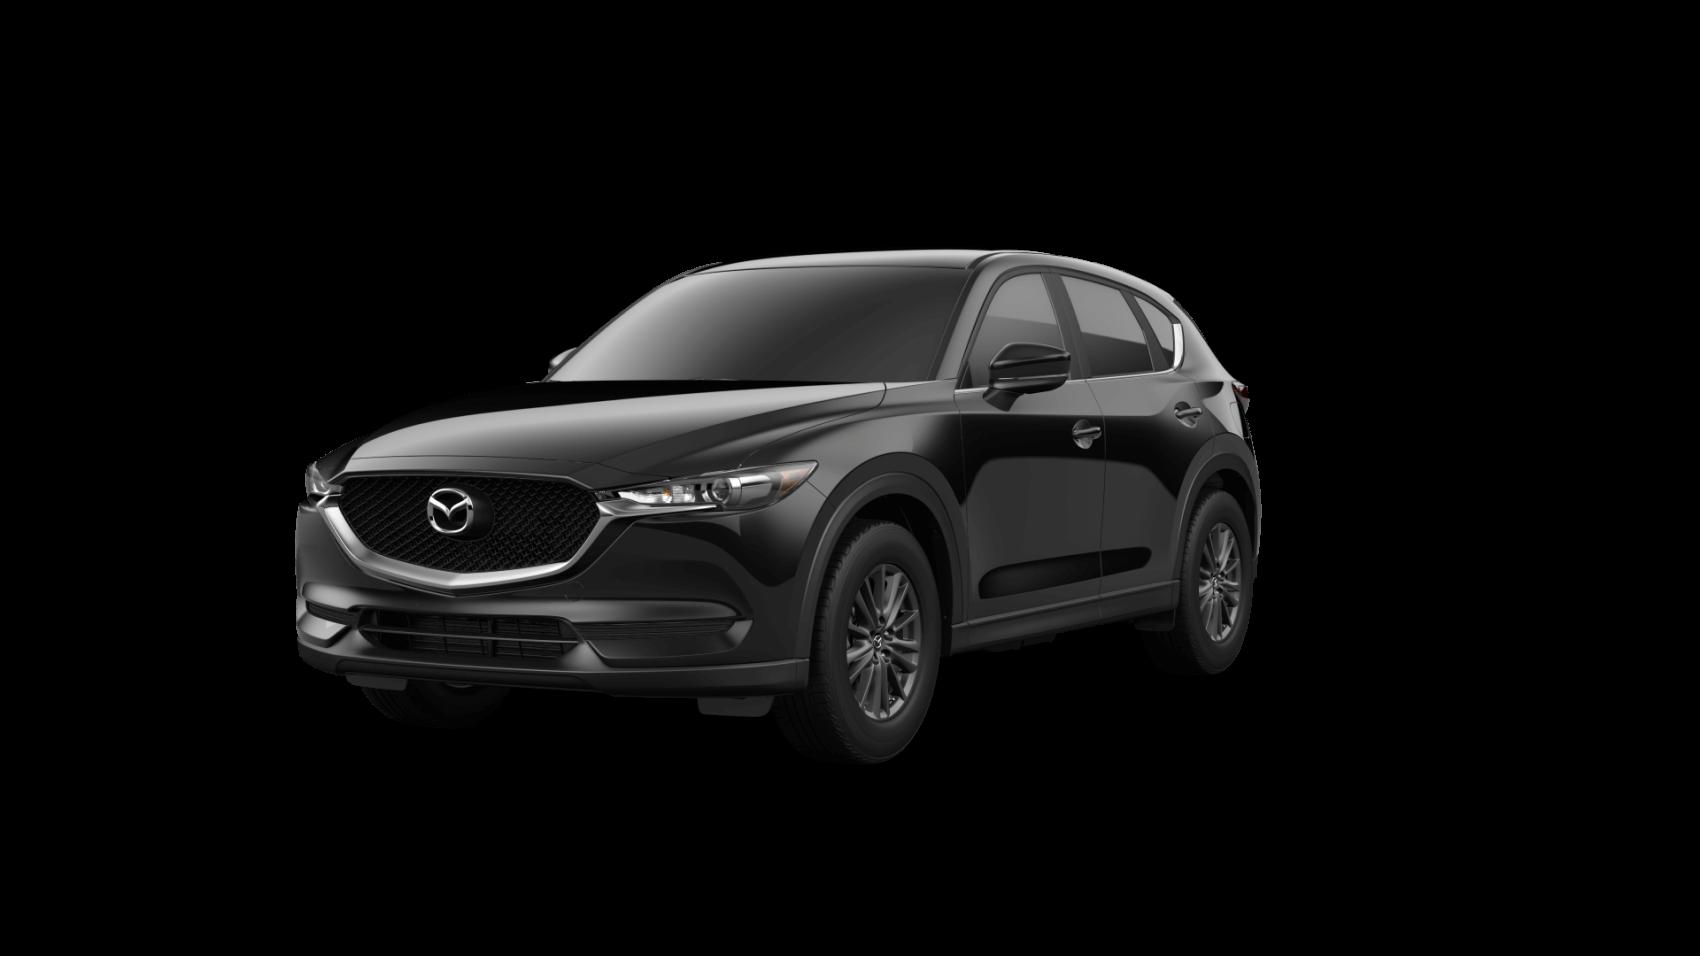 2021 Mazda CX-5 Sport Jet Black Ocean Mazda